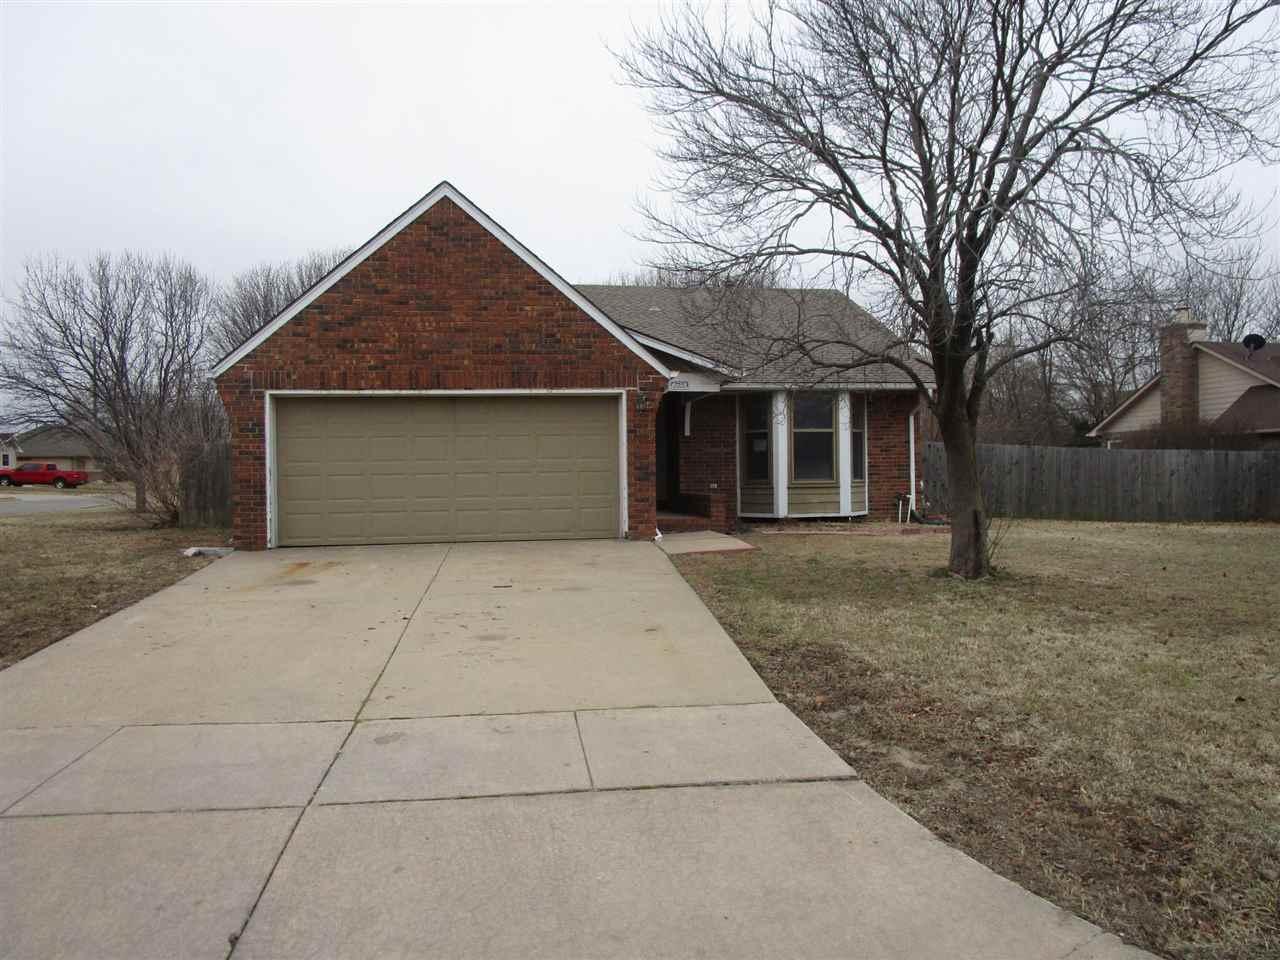 9459 E Skinner St, Wichita, KS, 67207